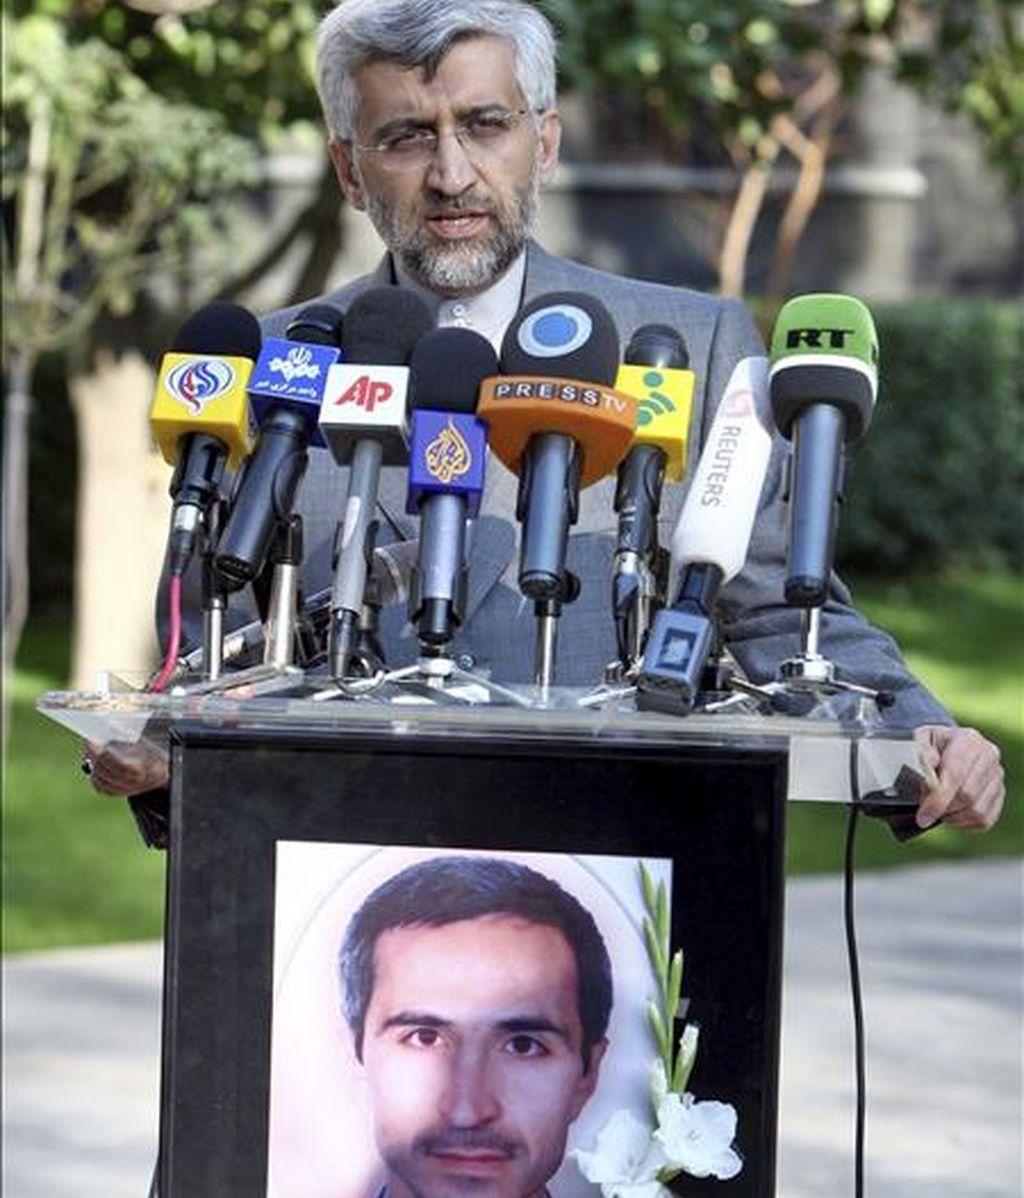 El negociador jefe iraní, Said Jalili, ofrece una rueda de prensa en Teherán (Irán). Jalili asegura que los derefchos nucleares de Irán no son negociables y que por lo tanto este tema no debería ser tema de discusión en Ginebra el próximo 6 de diciembre con los países del 5 (los cinco miembros del Consejo de Seguridad de la ONU -EEUU, Rusia, China, Reino Unido y Francia- además de Alemania) que serán representados por la Unión Europea. EFE